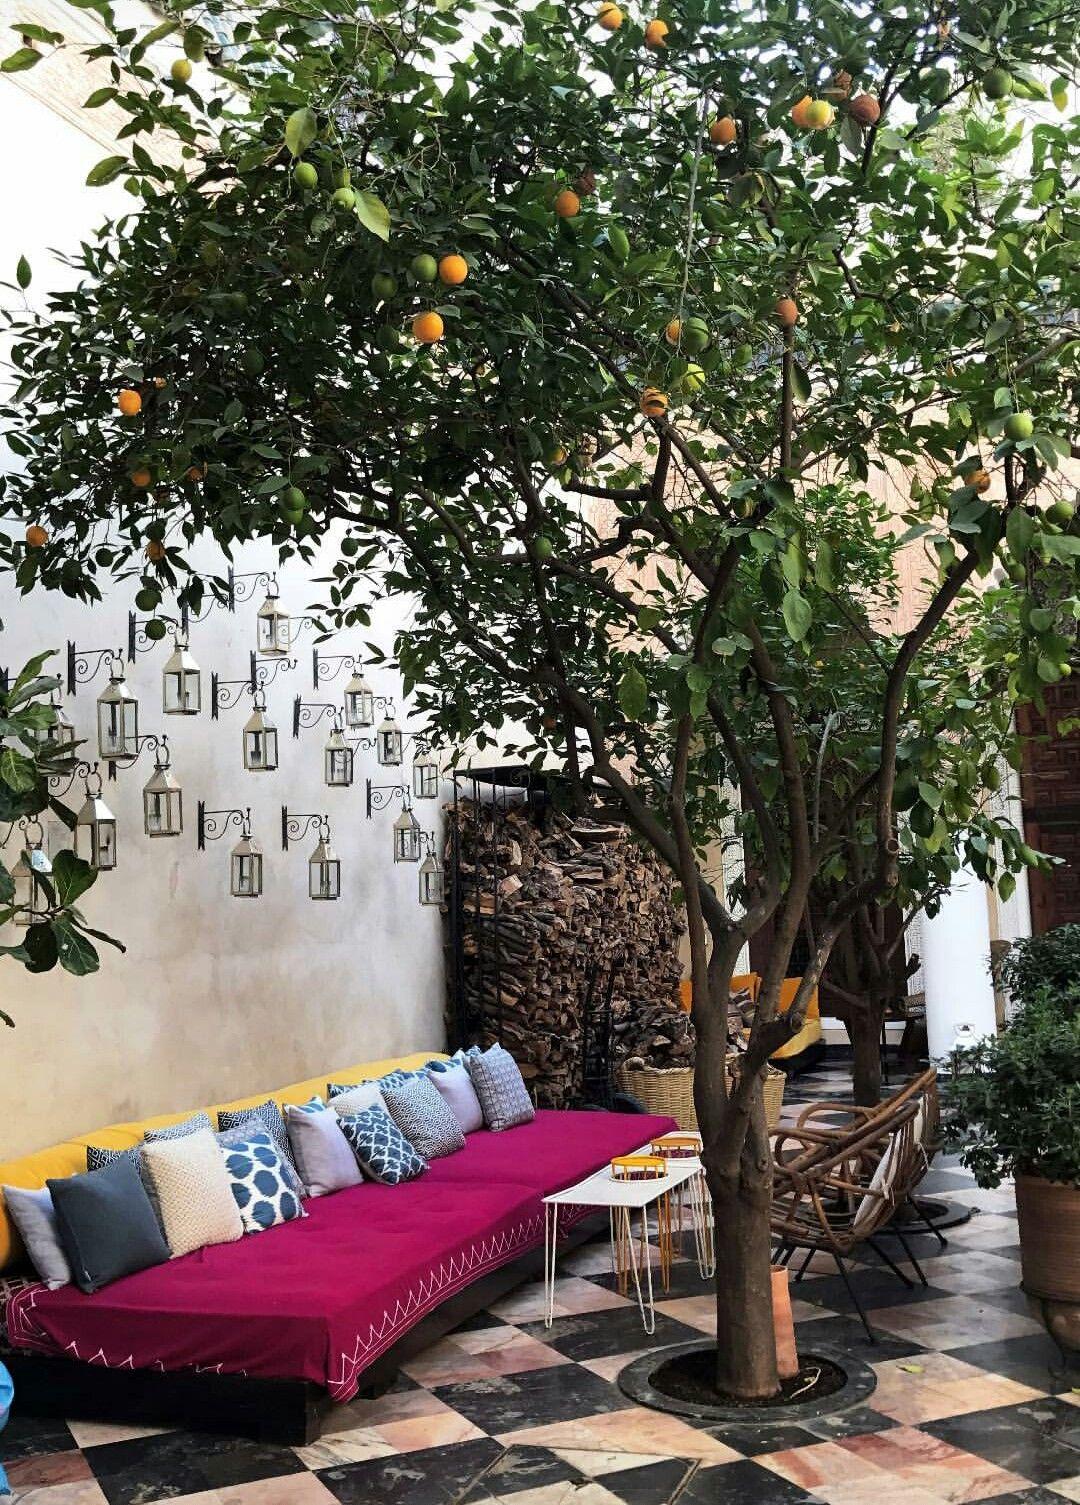 Pin De Maria Argiles Malonda En Terrazas Con Imagenes Decoracion Terraza Bar De Jardin Decoraciones De Jardin